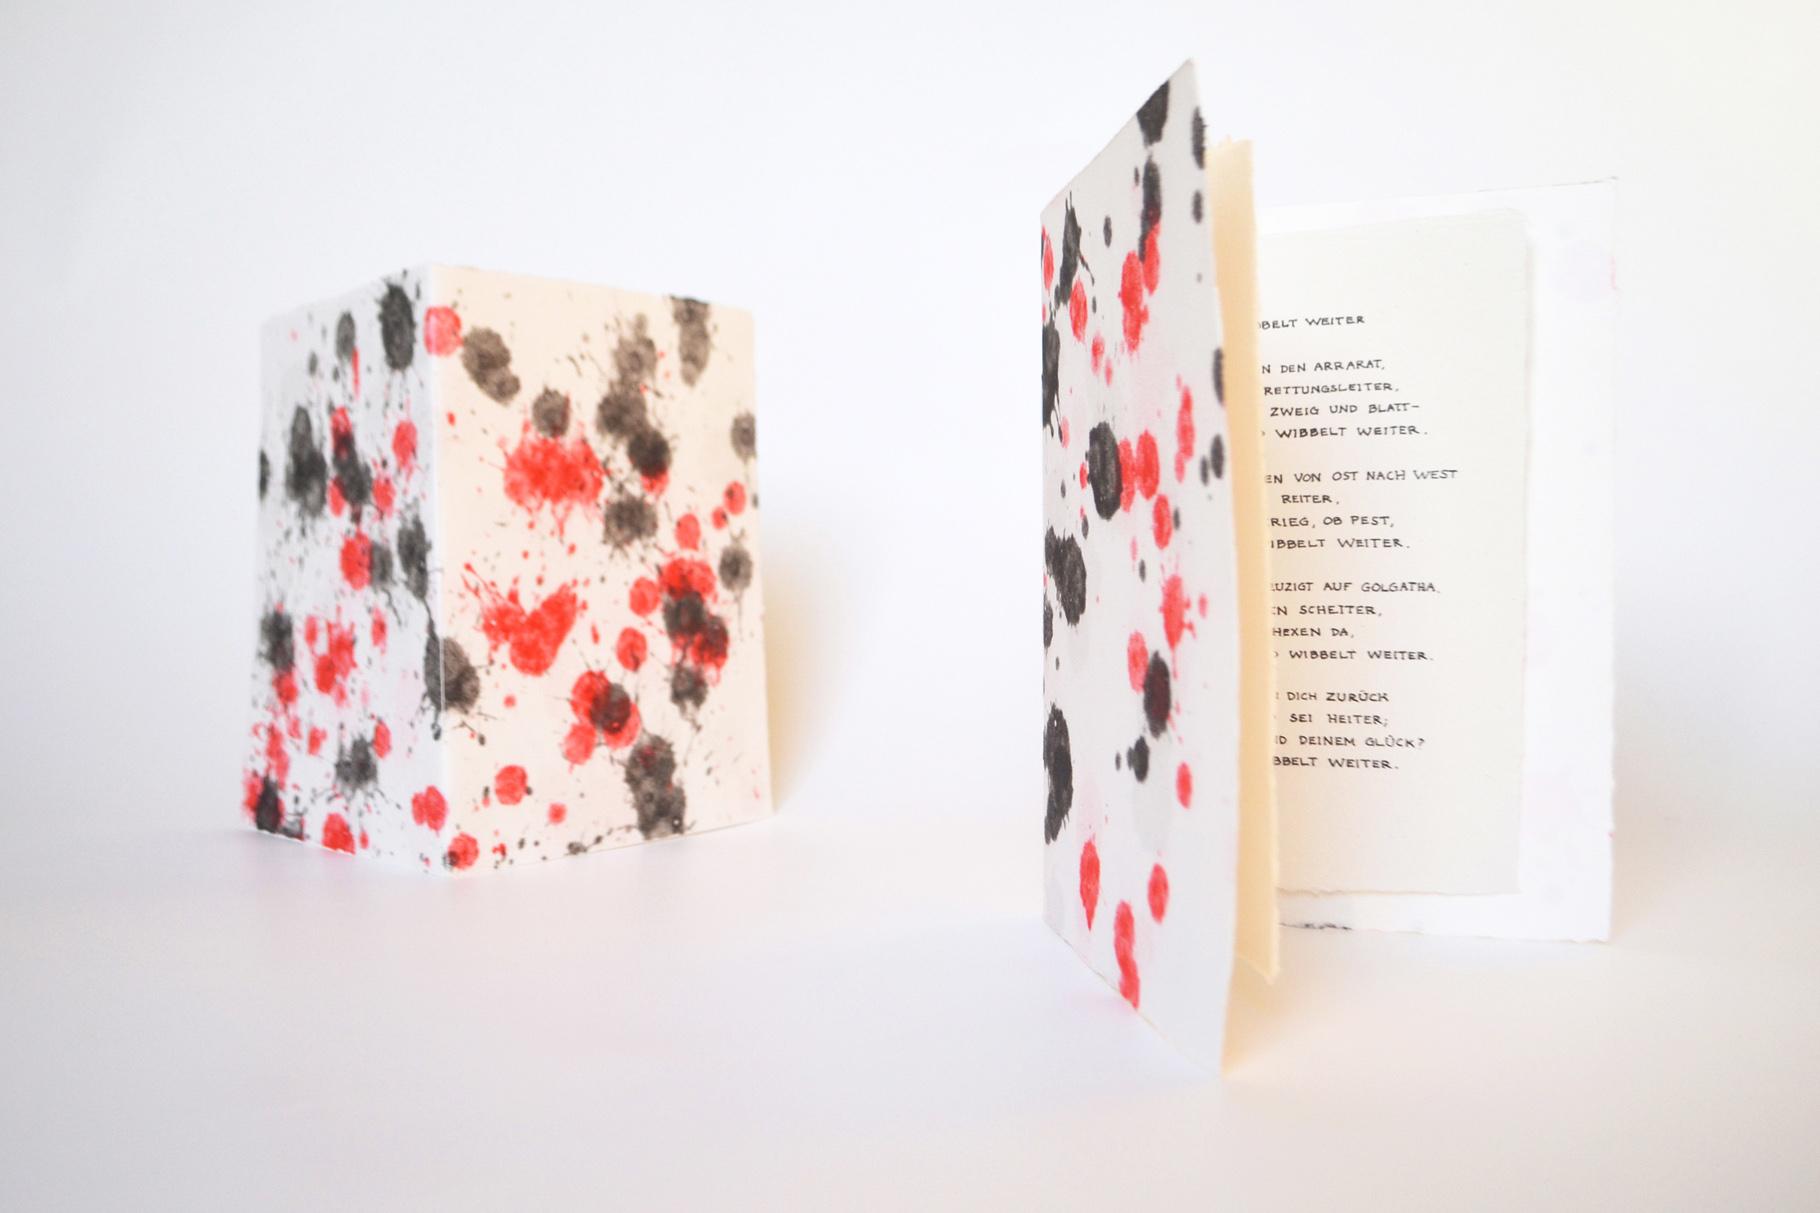 """""""Es kribbelt und wibbelt weiter"""" (2013) - Ein Heft, gestaltet von John Gerard mit einem Gedicht von Theodor Fontane"""